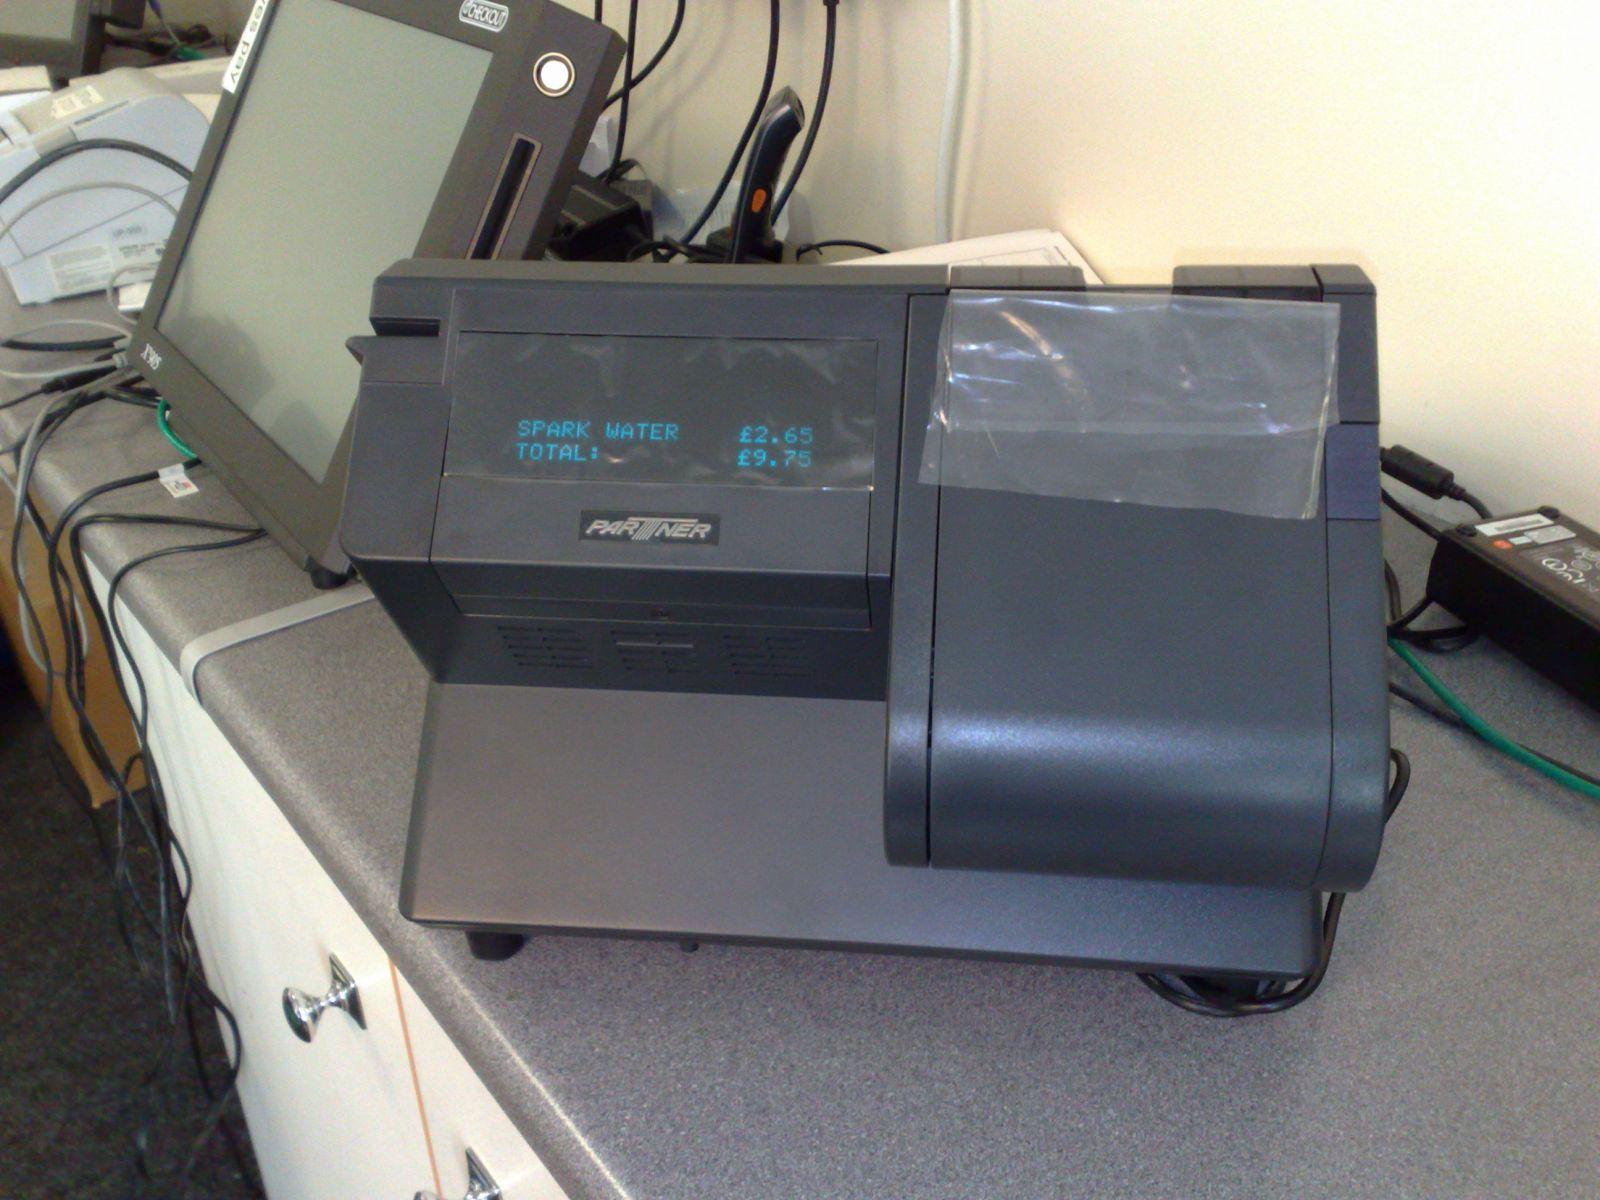 PartnerTech PT6200